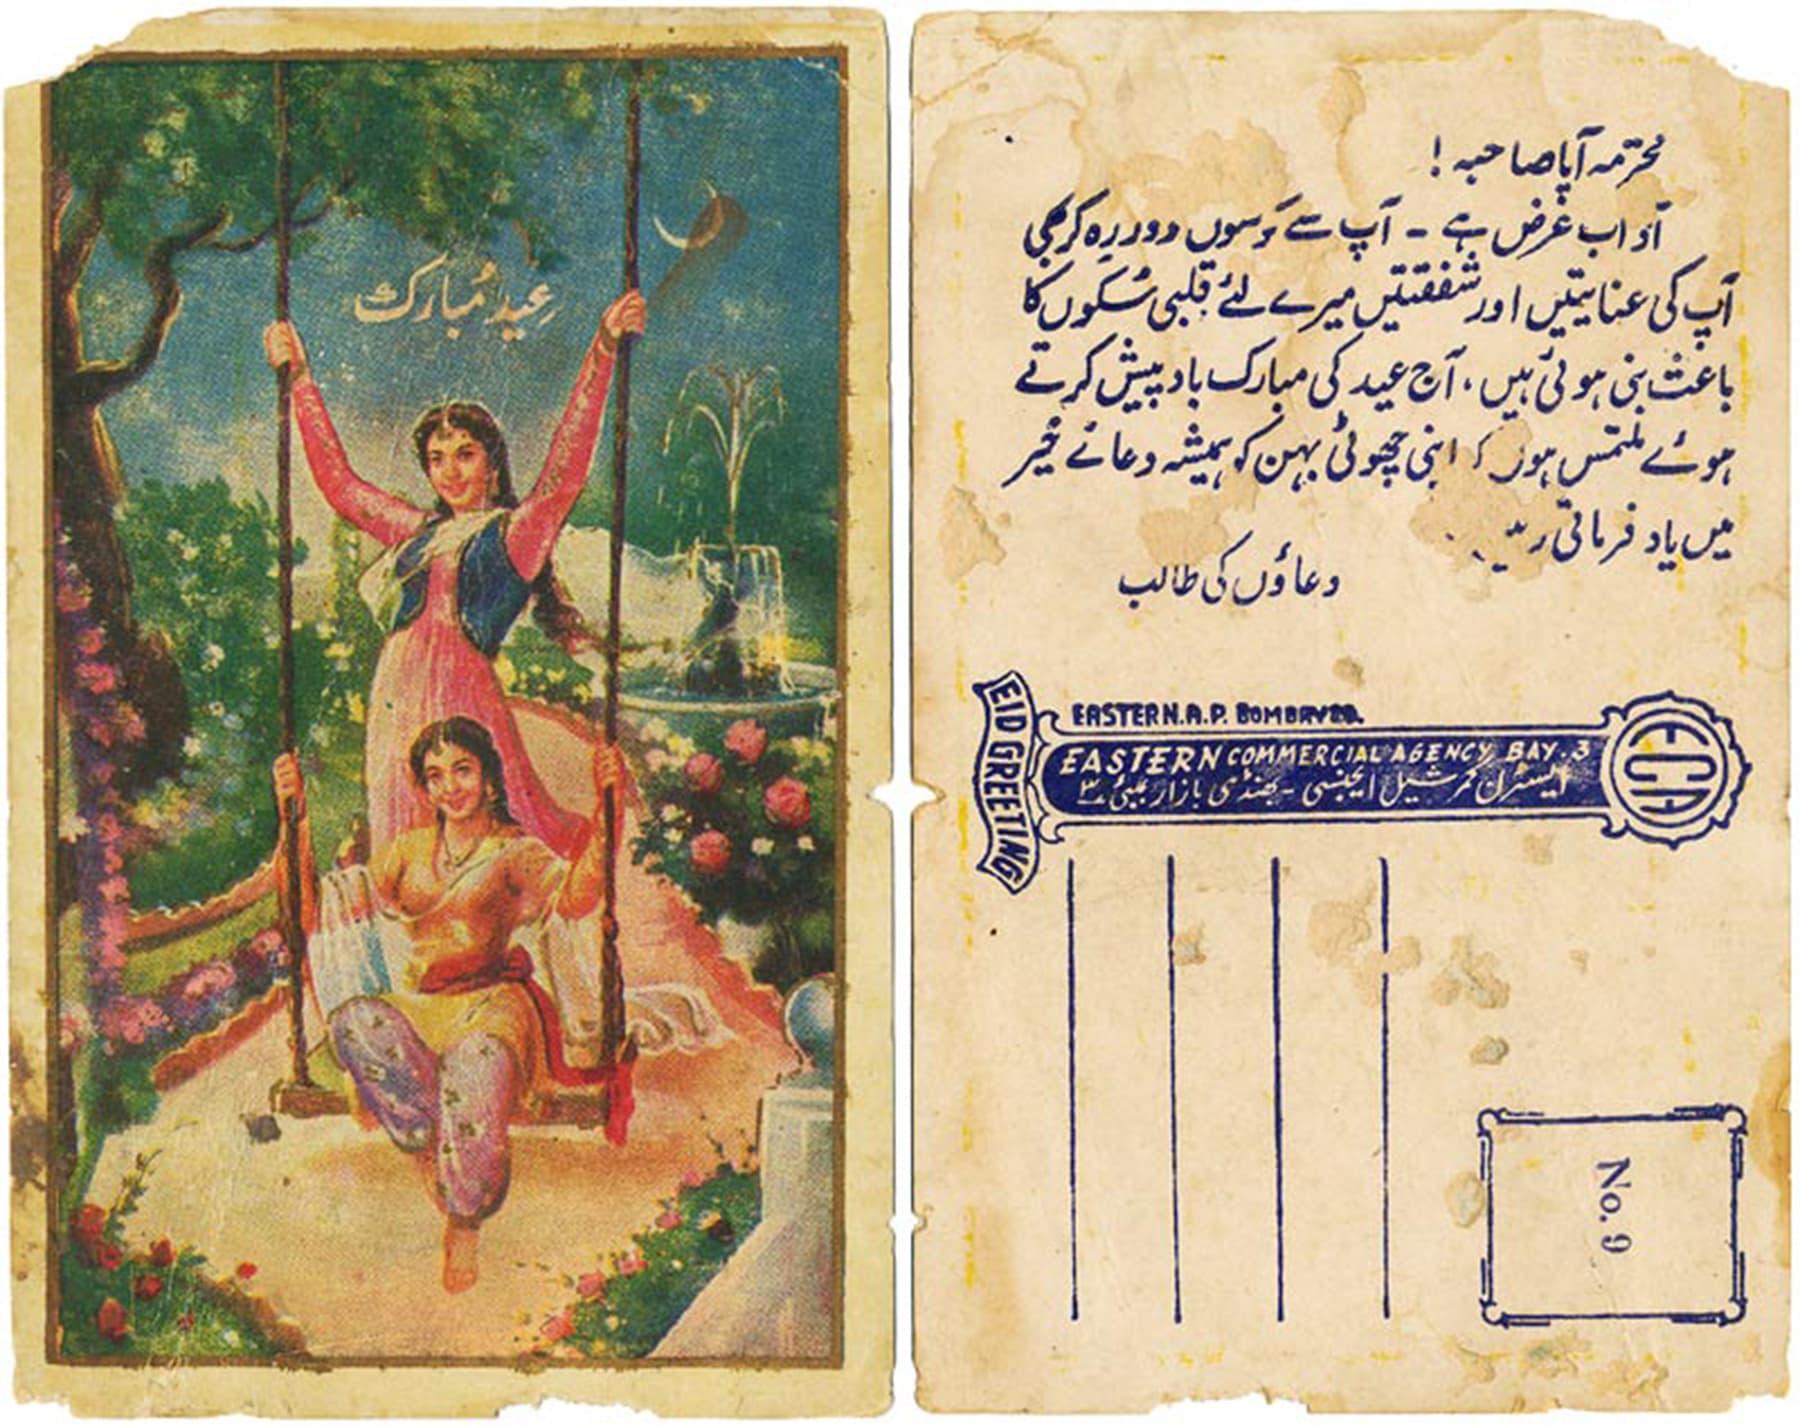 ایسٹرن کمرشل ایجنسی بمبئی کا شائع کردہ کارڈ، جو ایک چھوٹی بہن کا بڑی بہن کے نام پیغام ہے۔